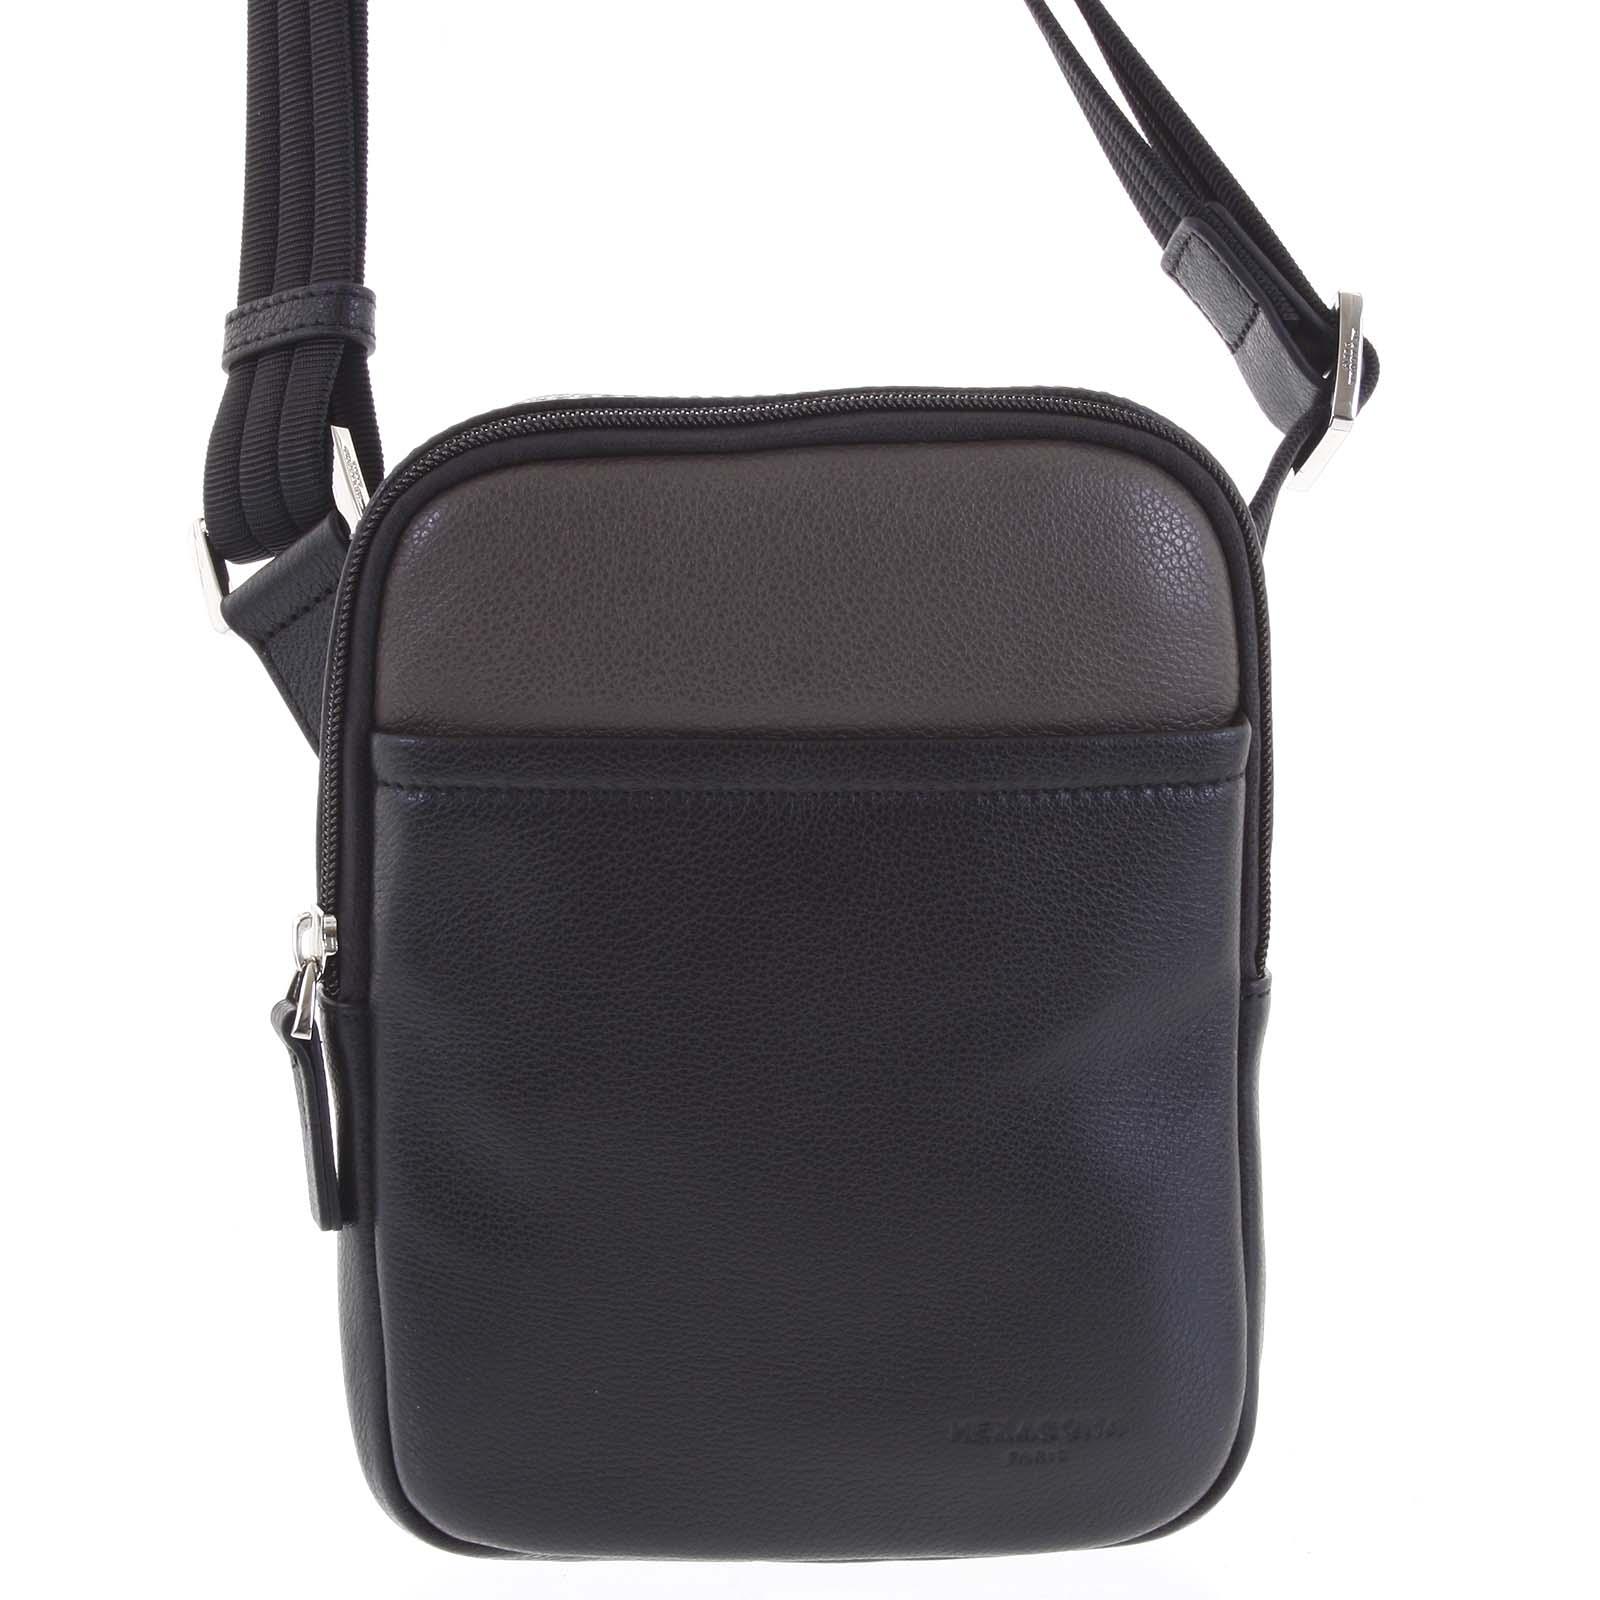 Pánska kožená taška na doklady čierna taupe - Hexagona Tuesday